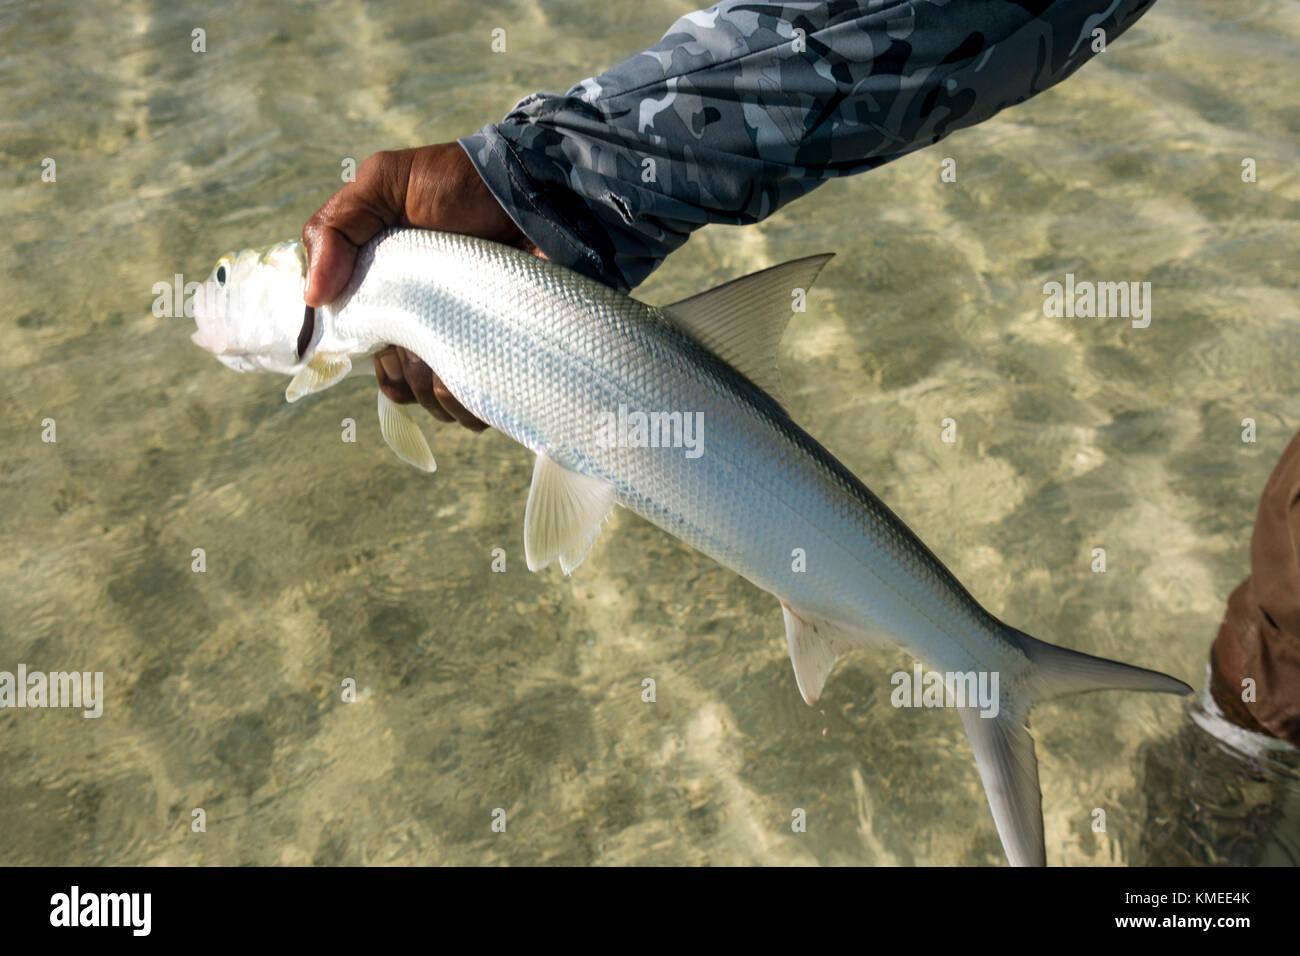 Bonefish on Kiribati Atoll - Stock Image